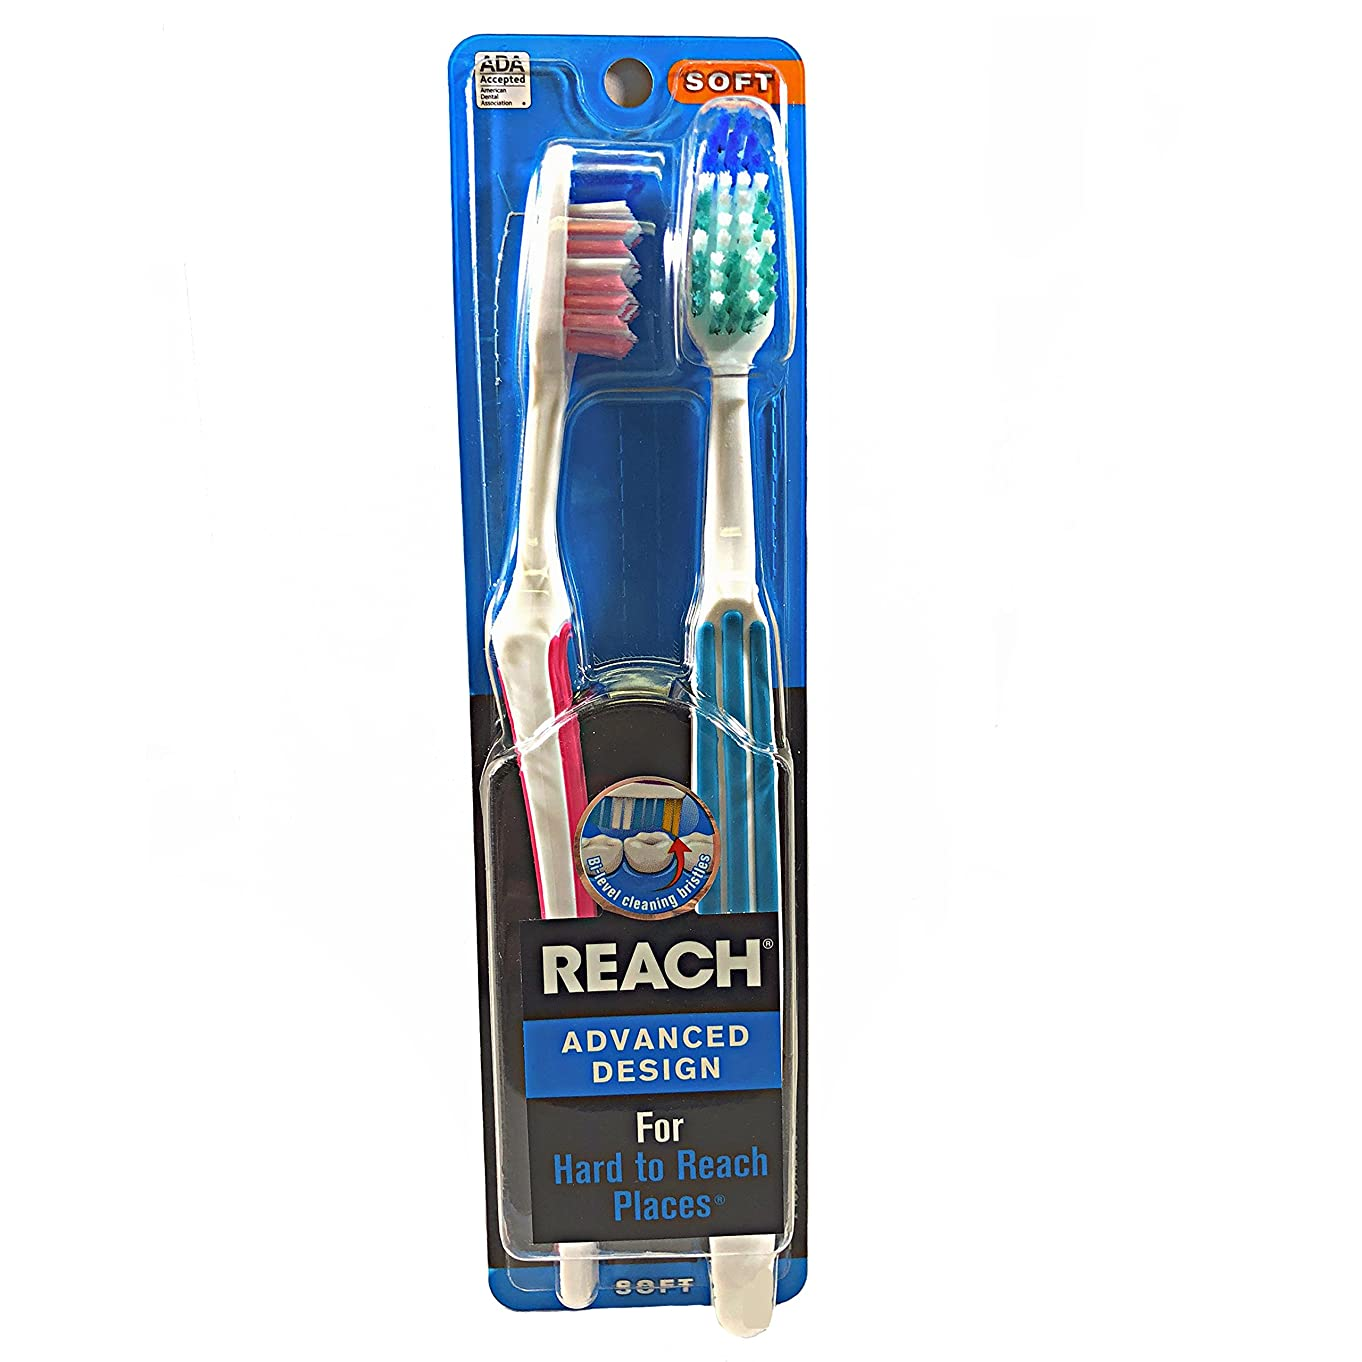 悪夢ほのめかす主人Reach 高度なデザイン歯ブラシソフト完全な頭部バリューパック2 Eaは